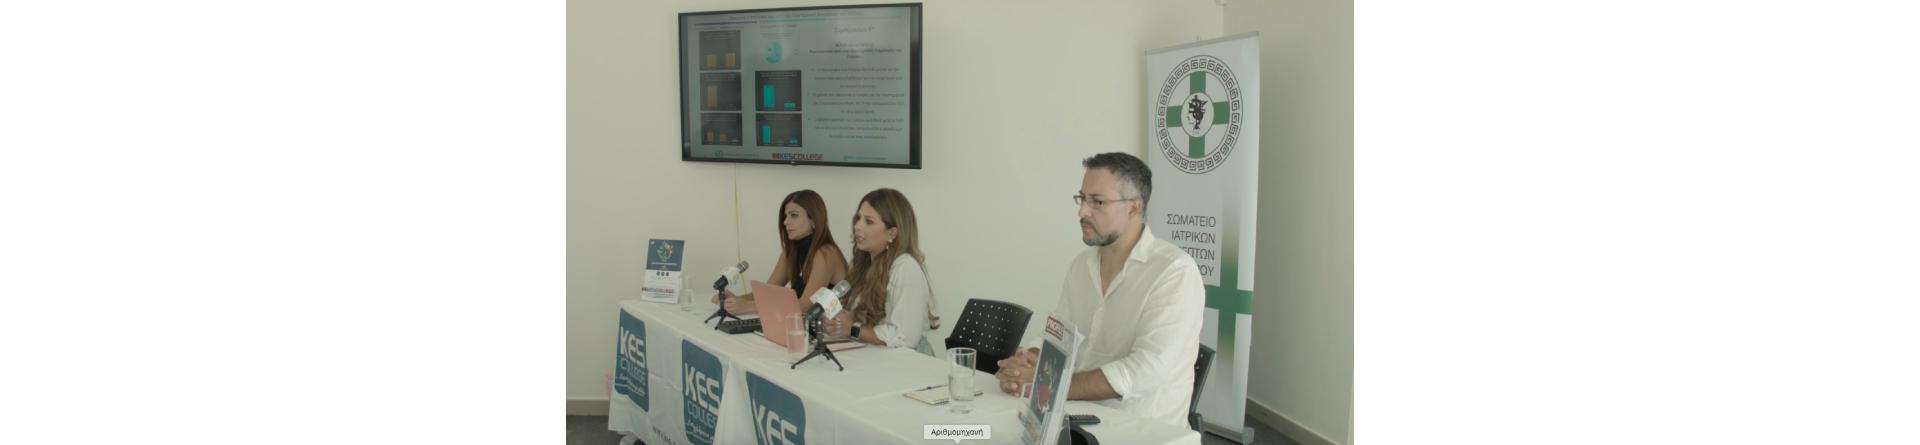 Ο ρόλος του Ιατρικού Επισκέπτη στη νέα εποχή του ΓεΣΥ στην Κύπρο